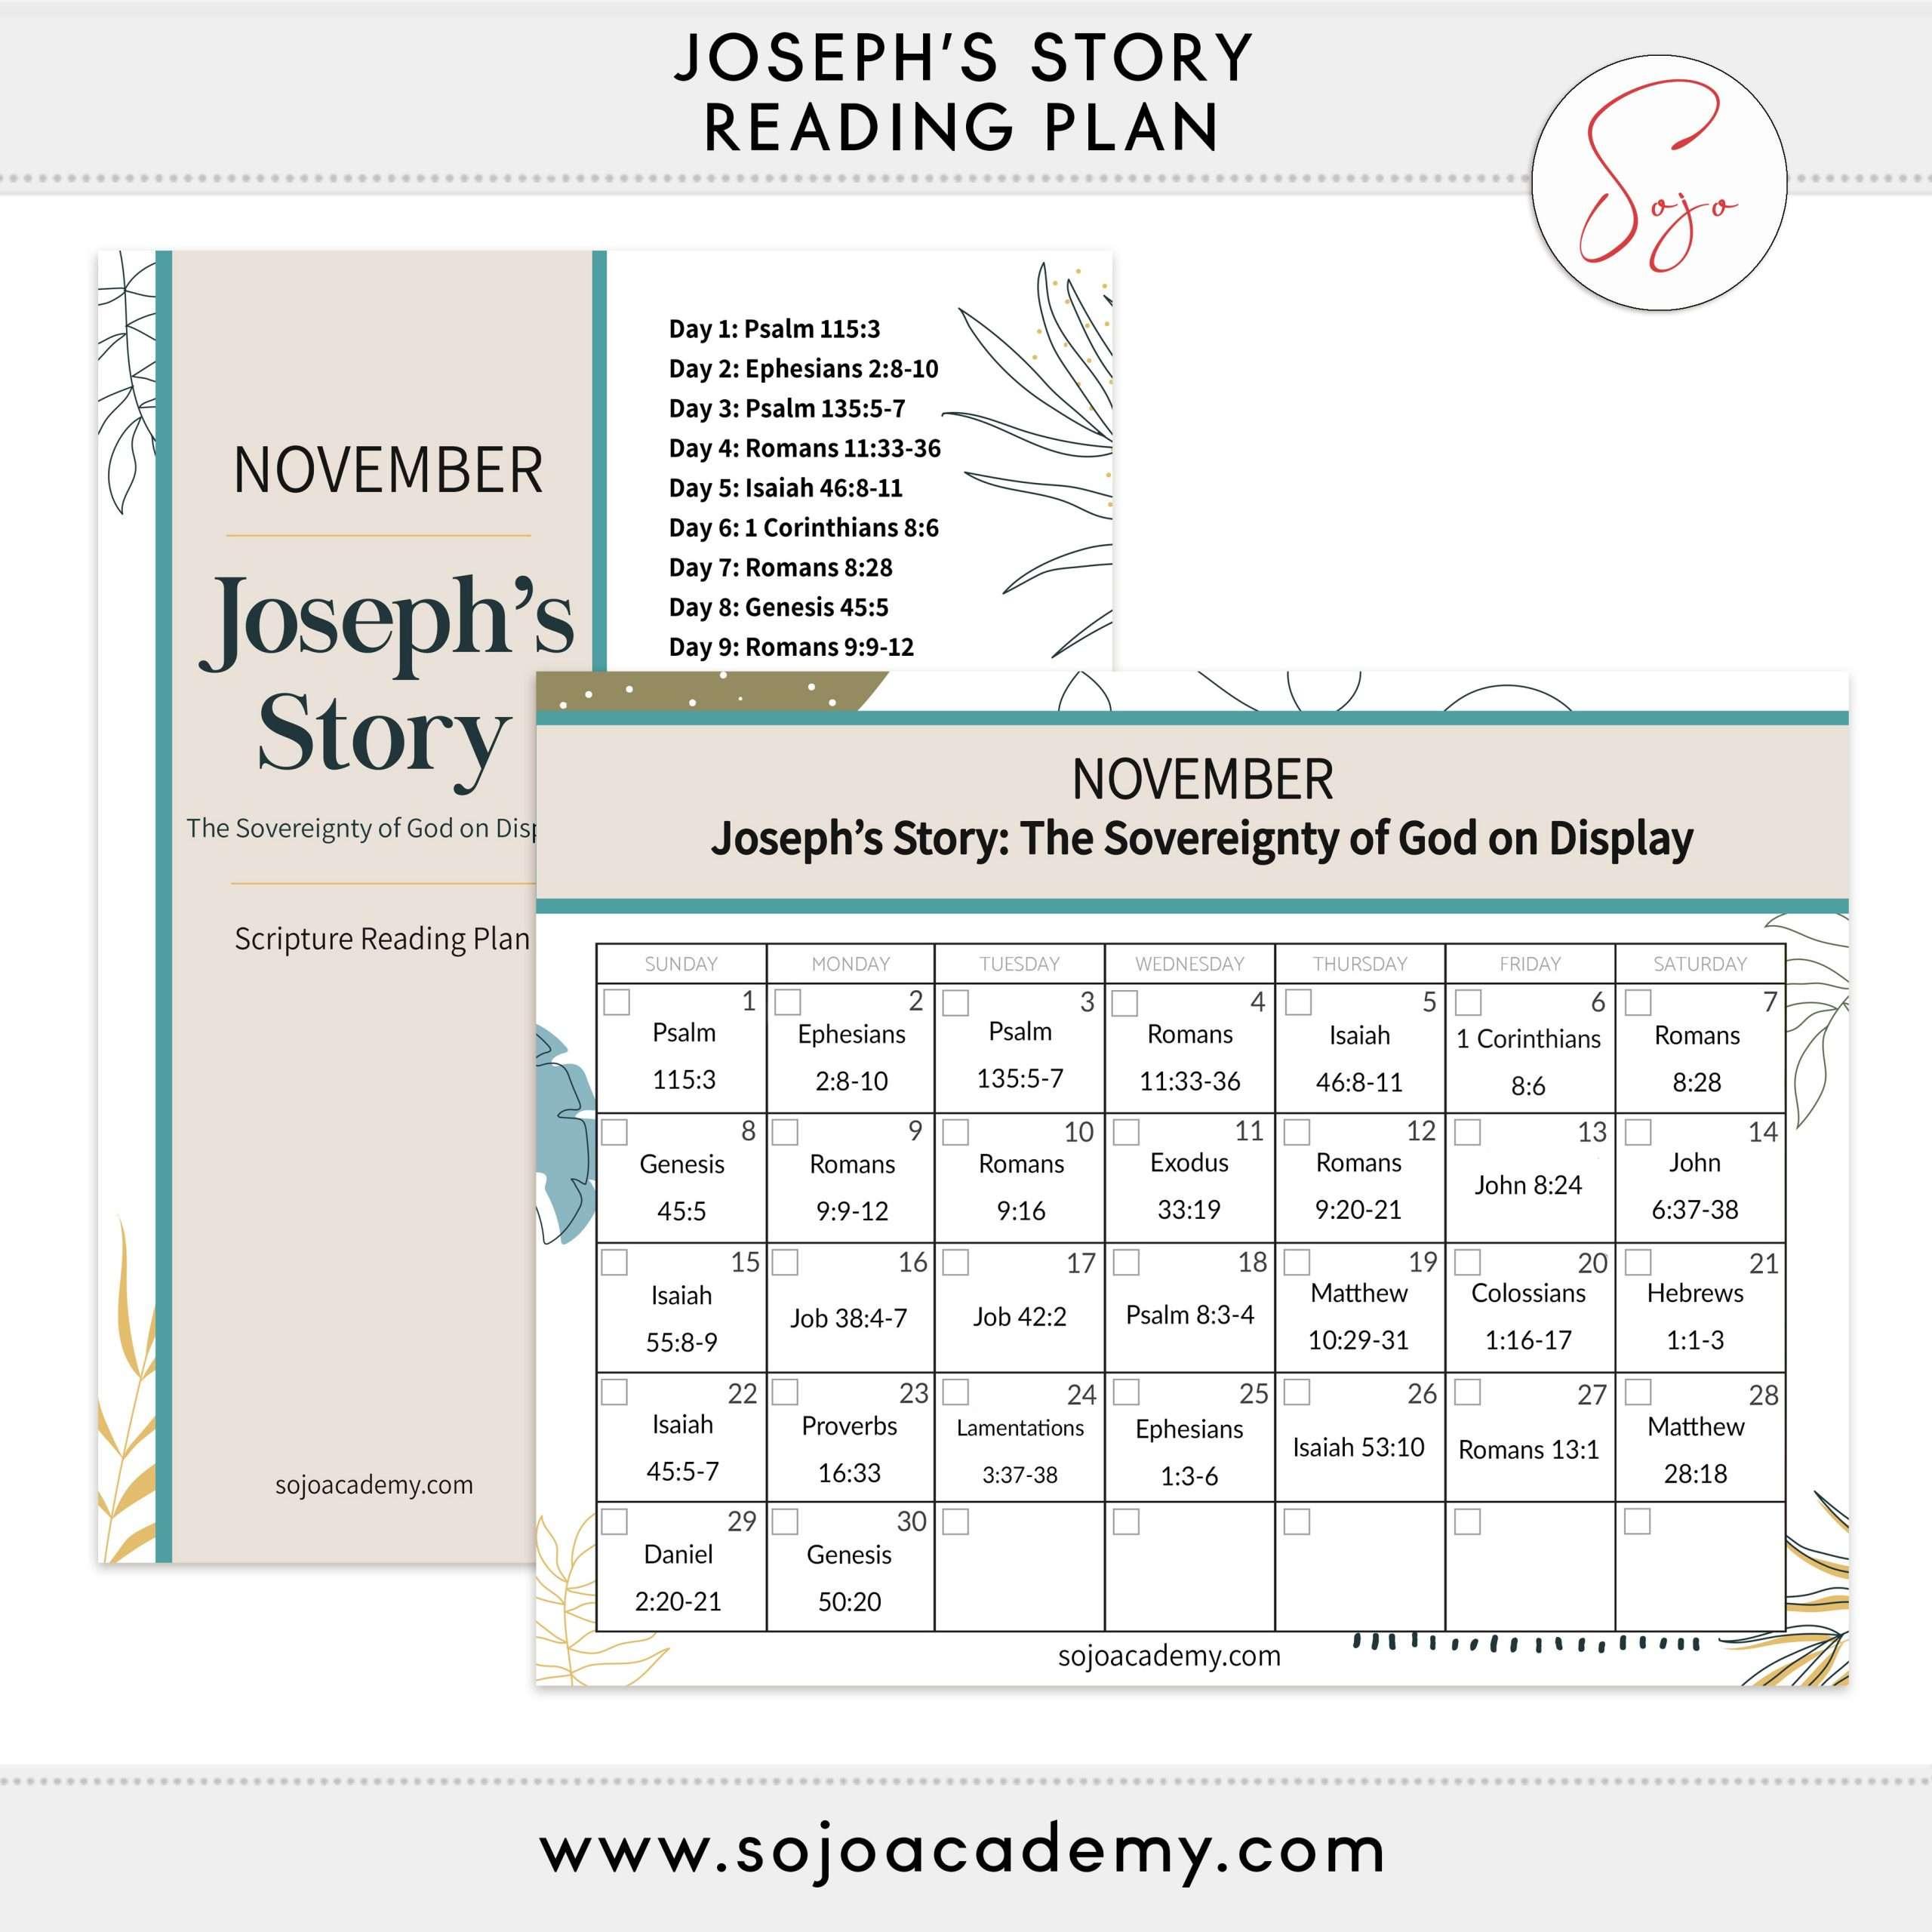 Sojo_November_JosephsStory_Preview_ReadingPlan